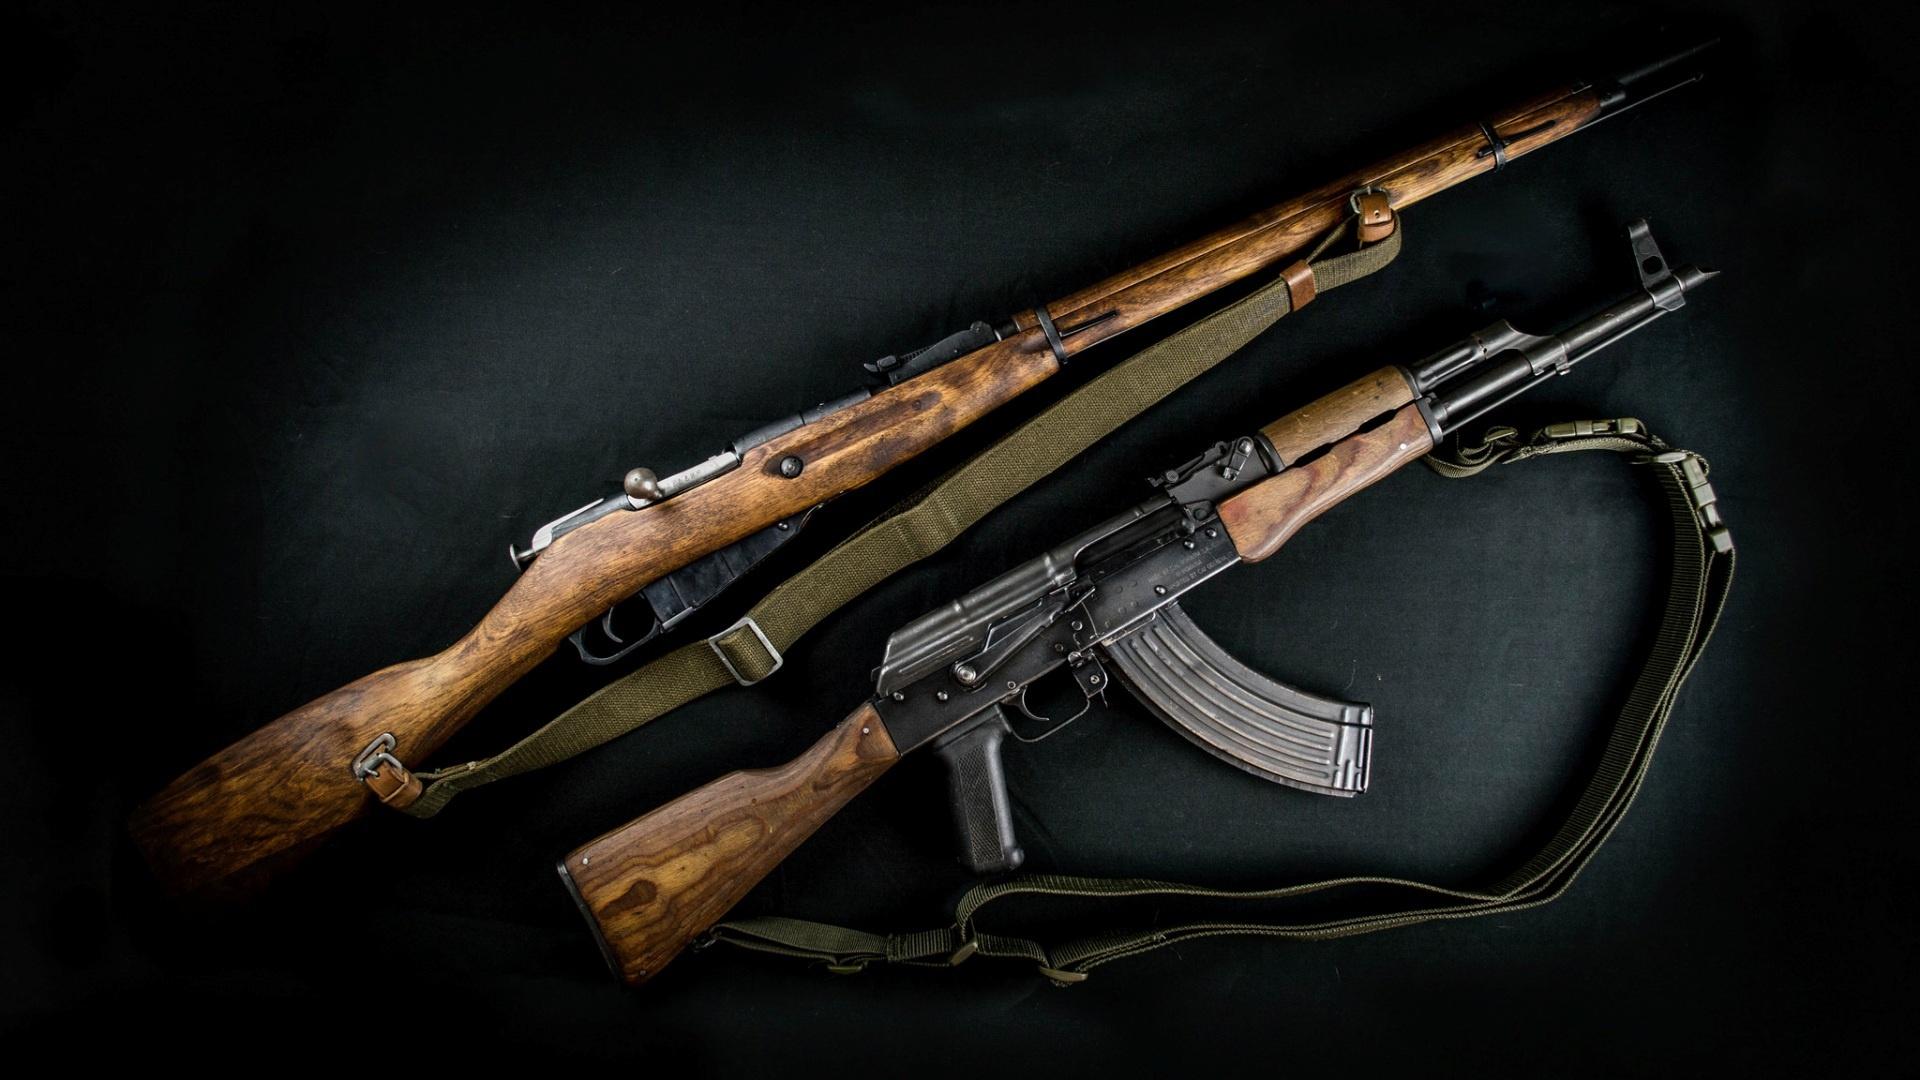 Картинка: Автомат, винтовка, два, оружие, Калашников, Мосин, ремни